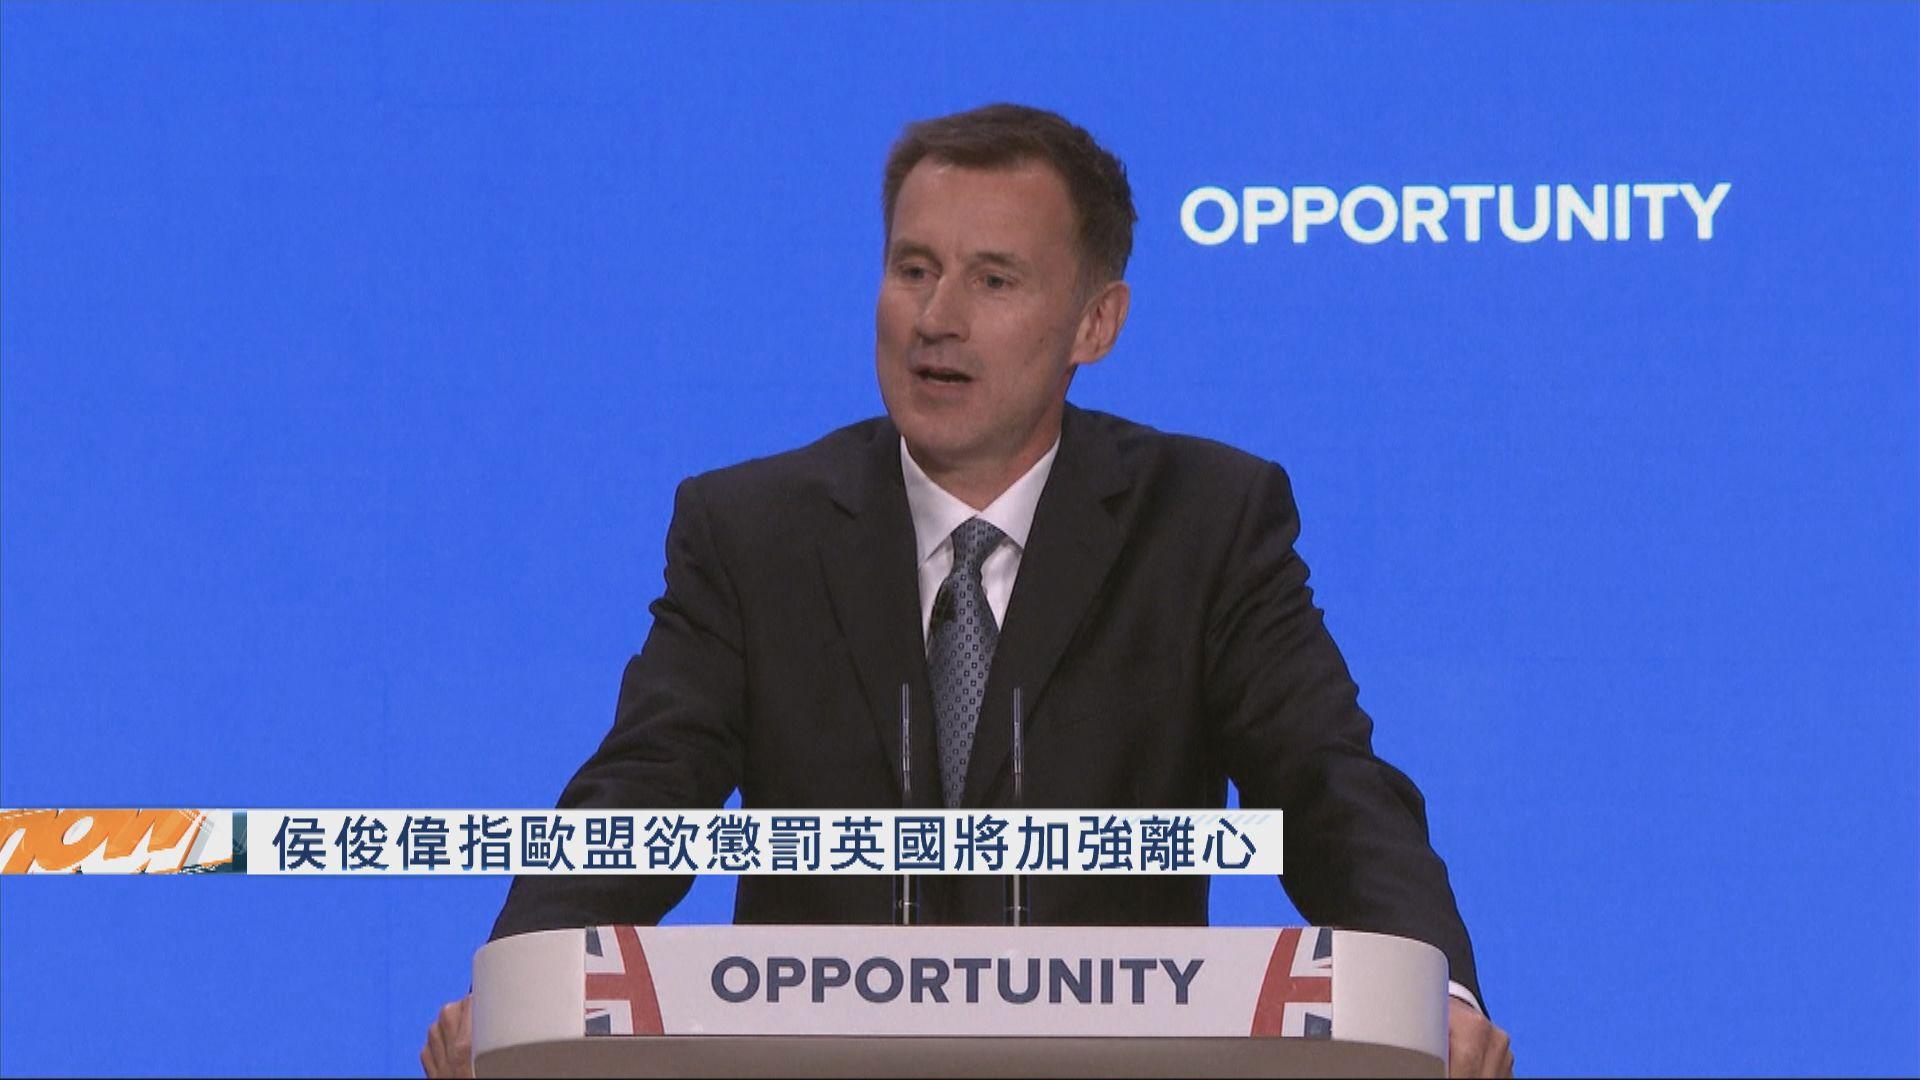 侯俊偉指歐盟欲懲罰英國將加強離心